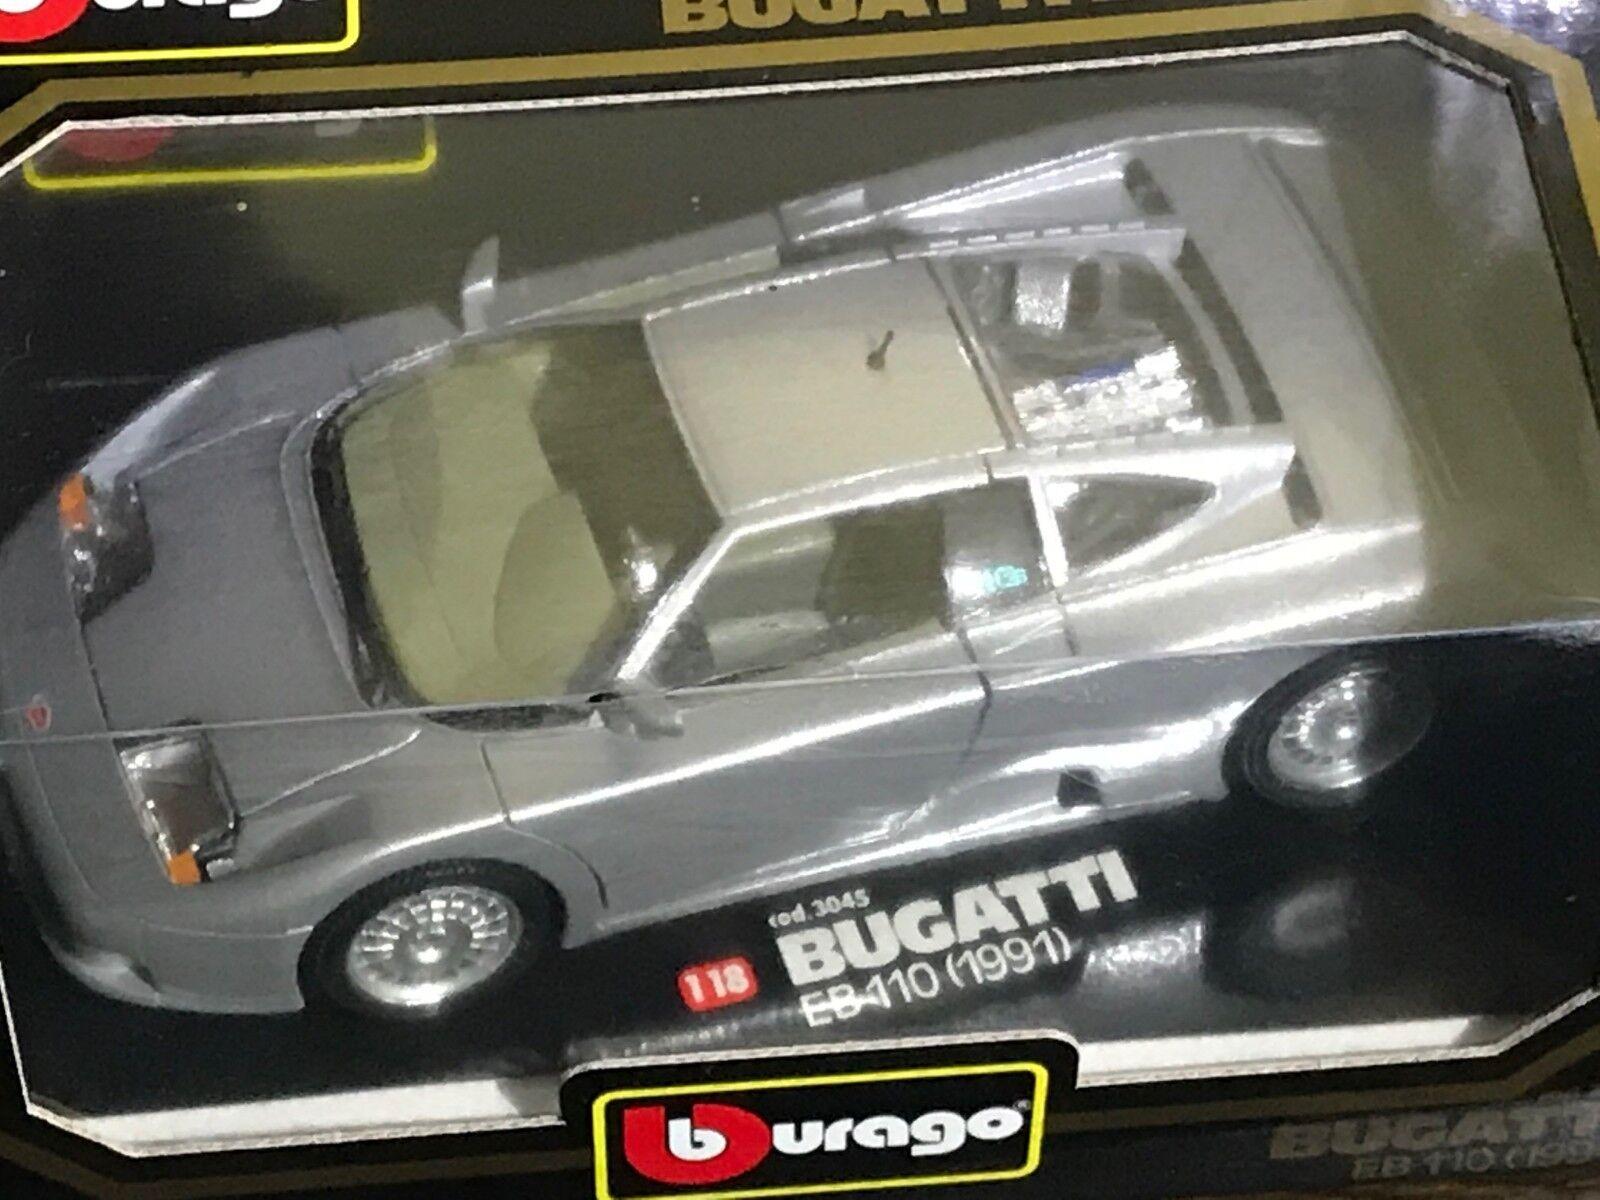 Burago 1 18 18 18 Bugatti EB 110 1991 la-Cast modelo auto OVP b38b80